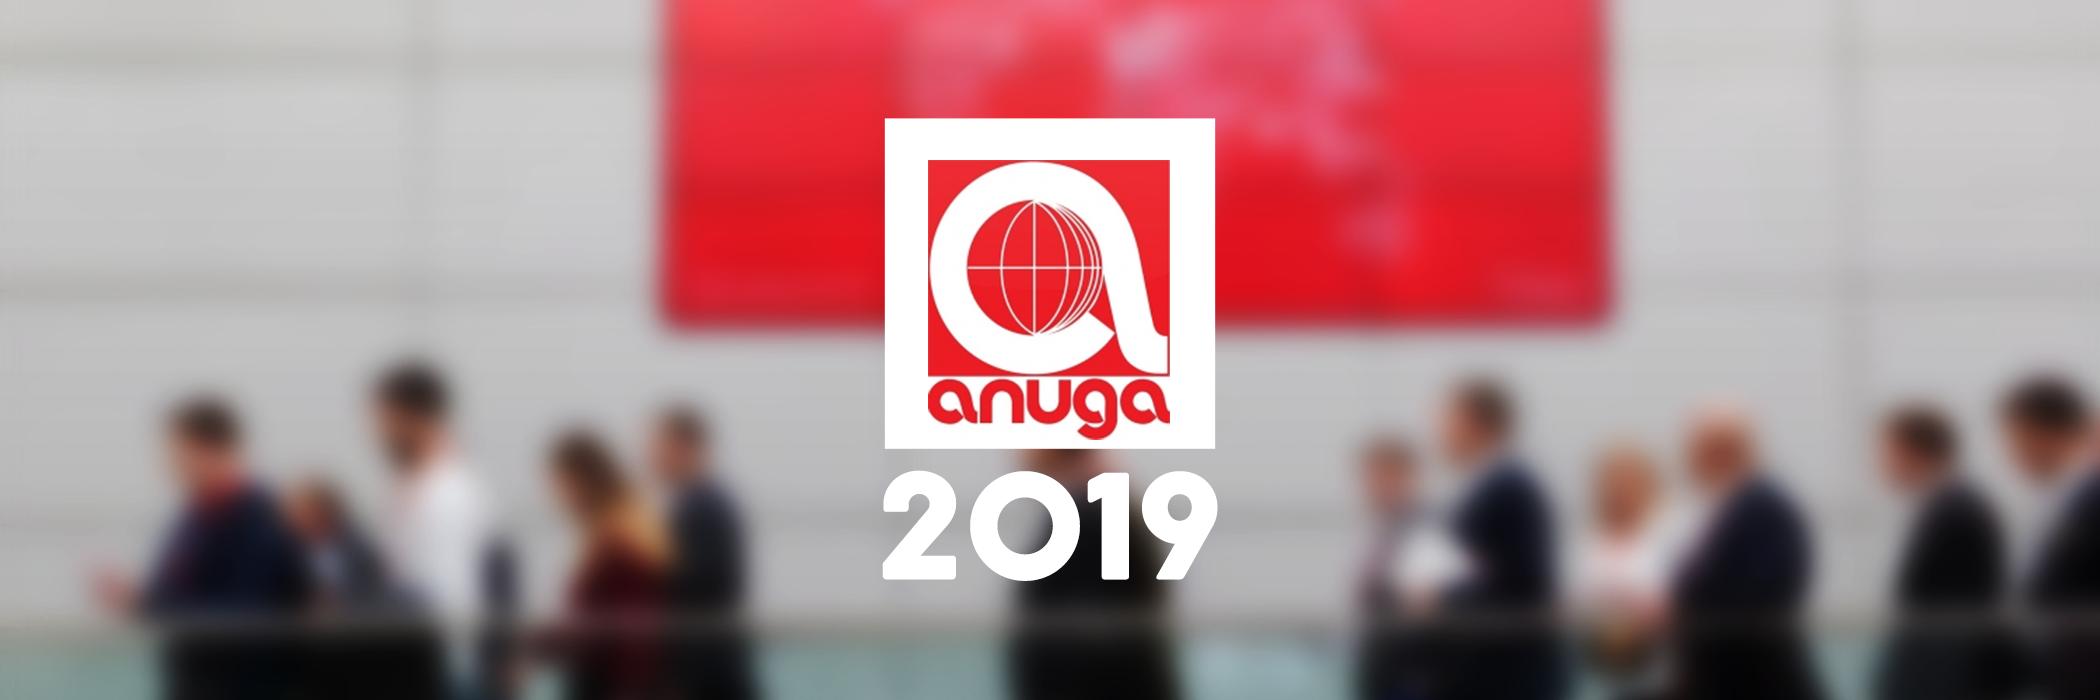 anuga 2019